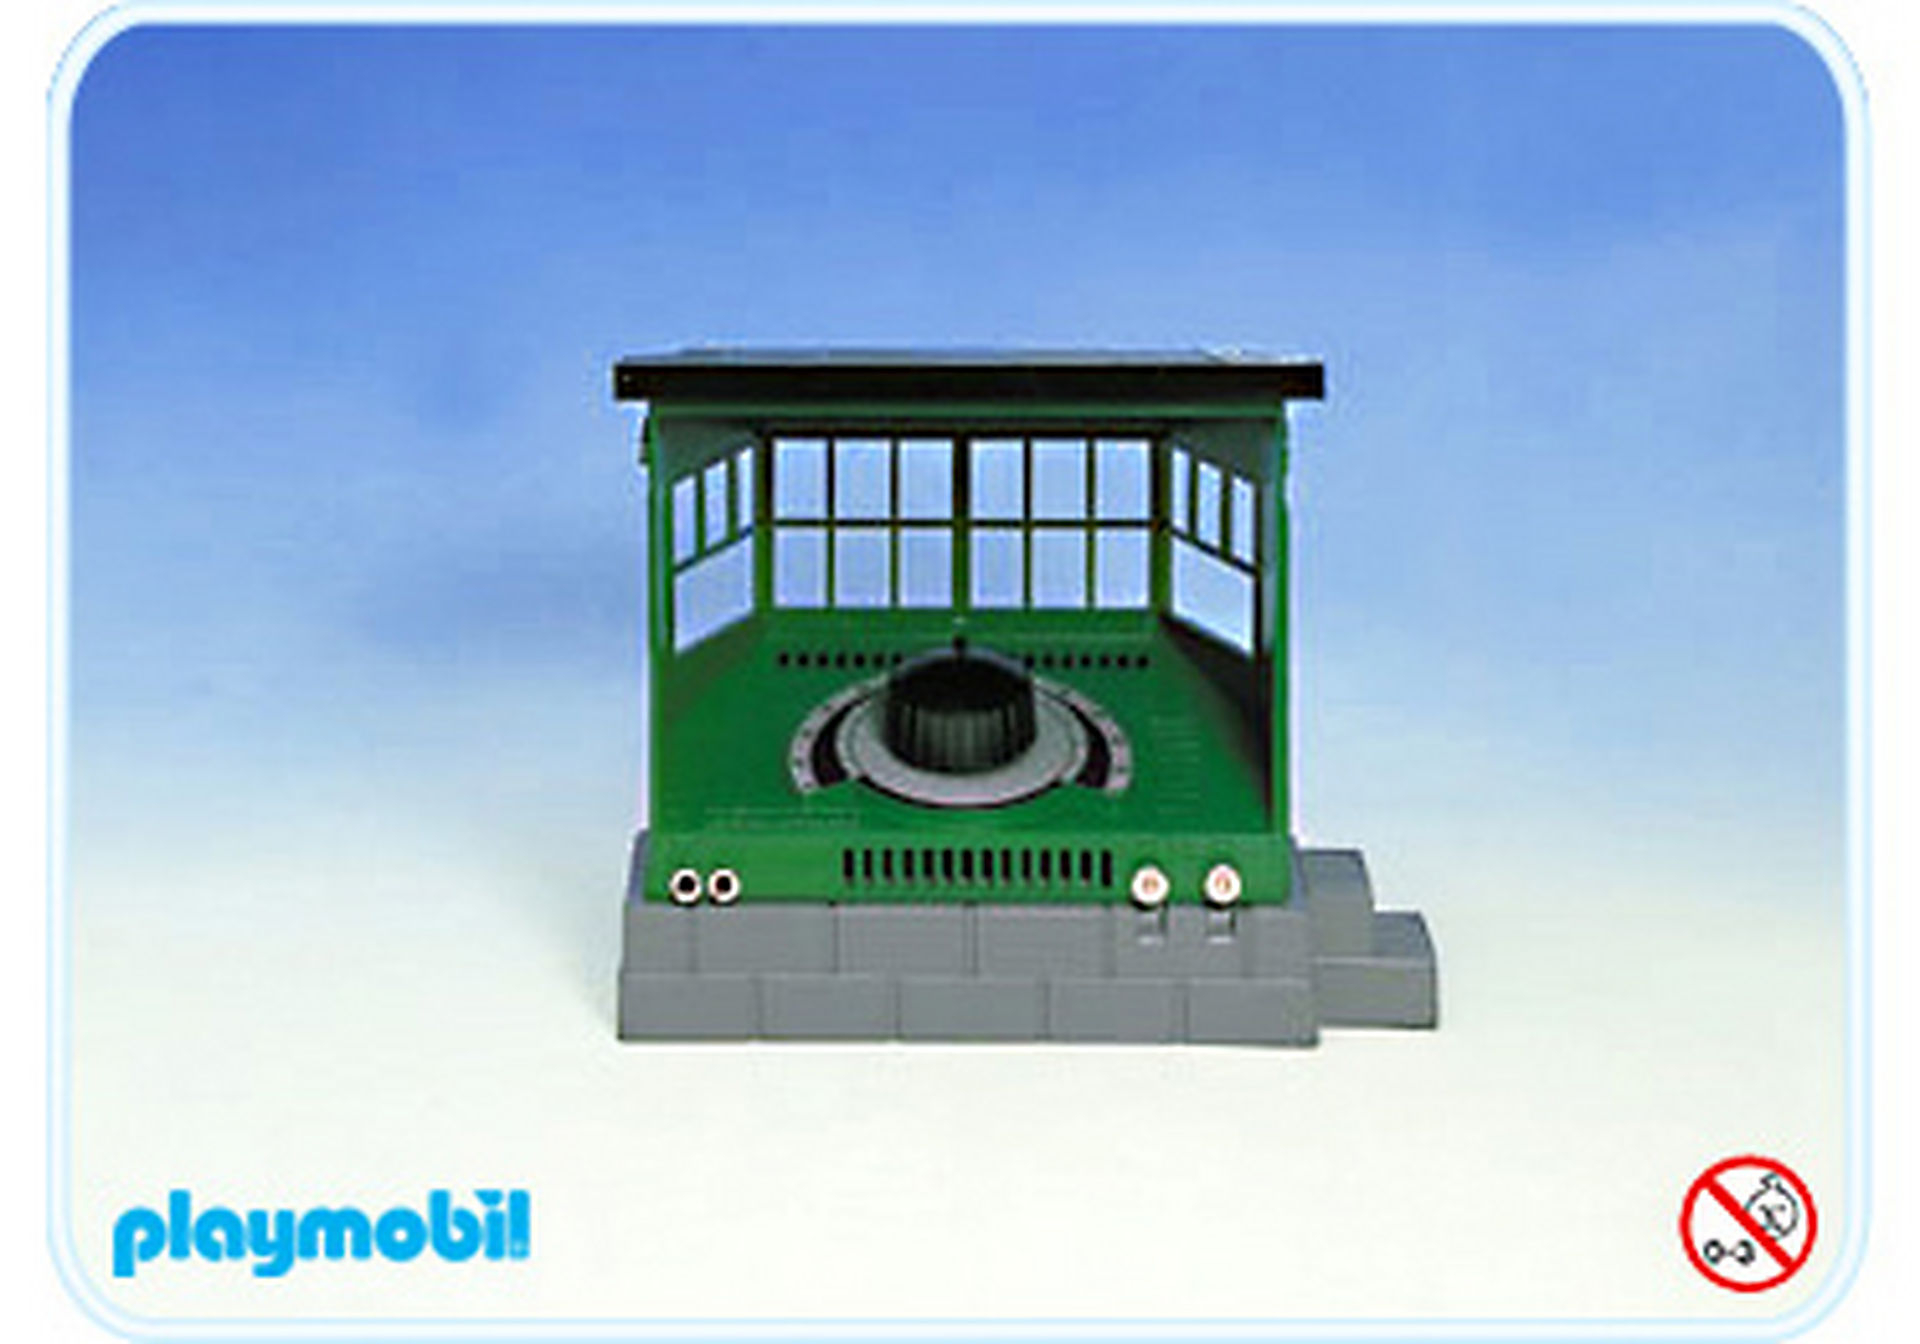 4358-A Fahrregler für Freilandbetrieb zoom image1